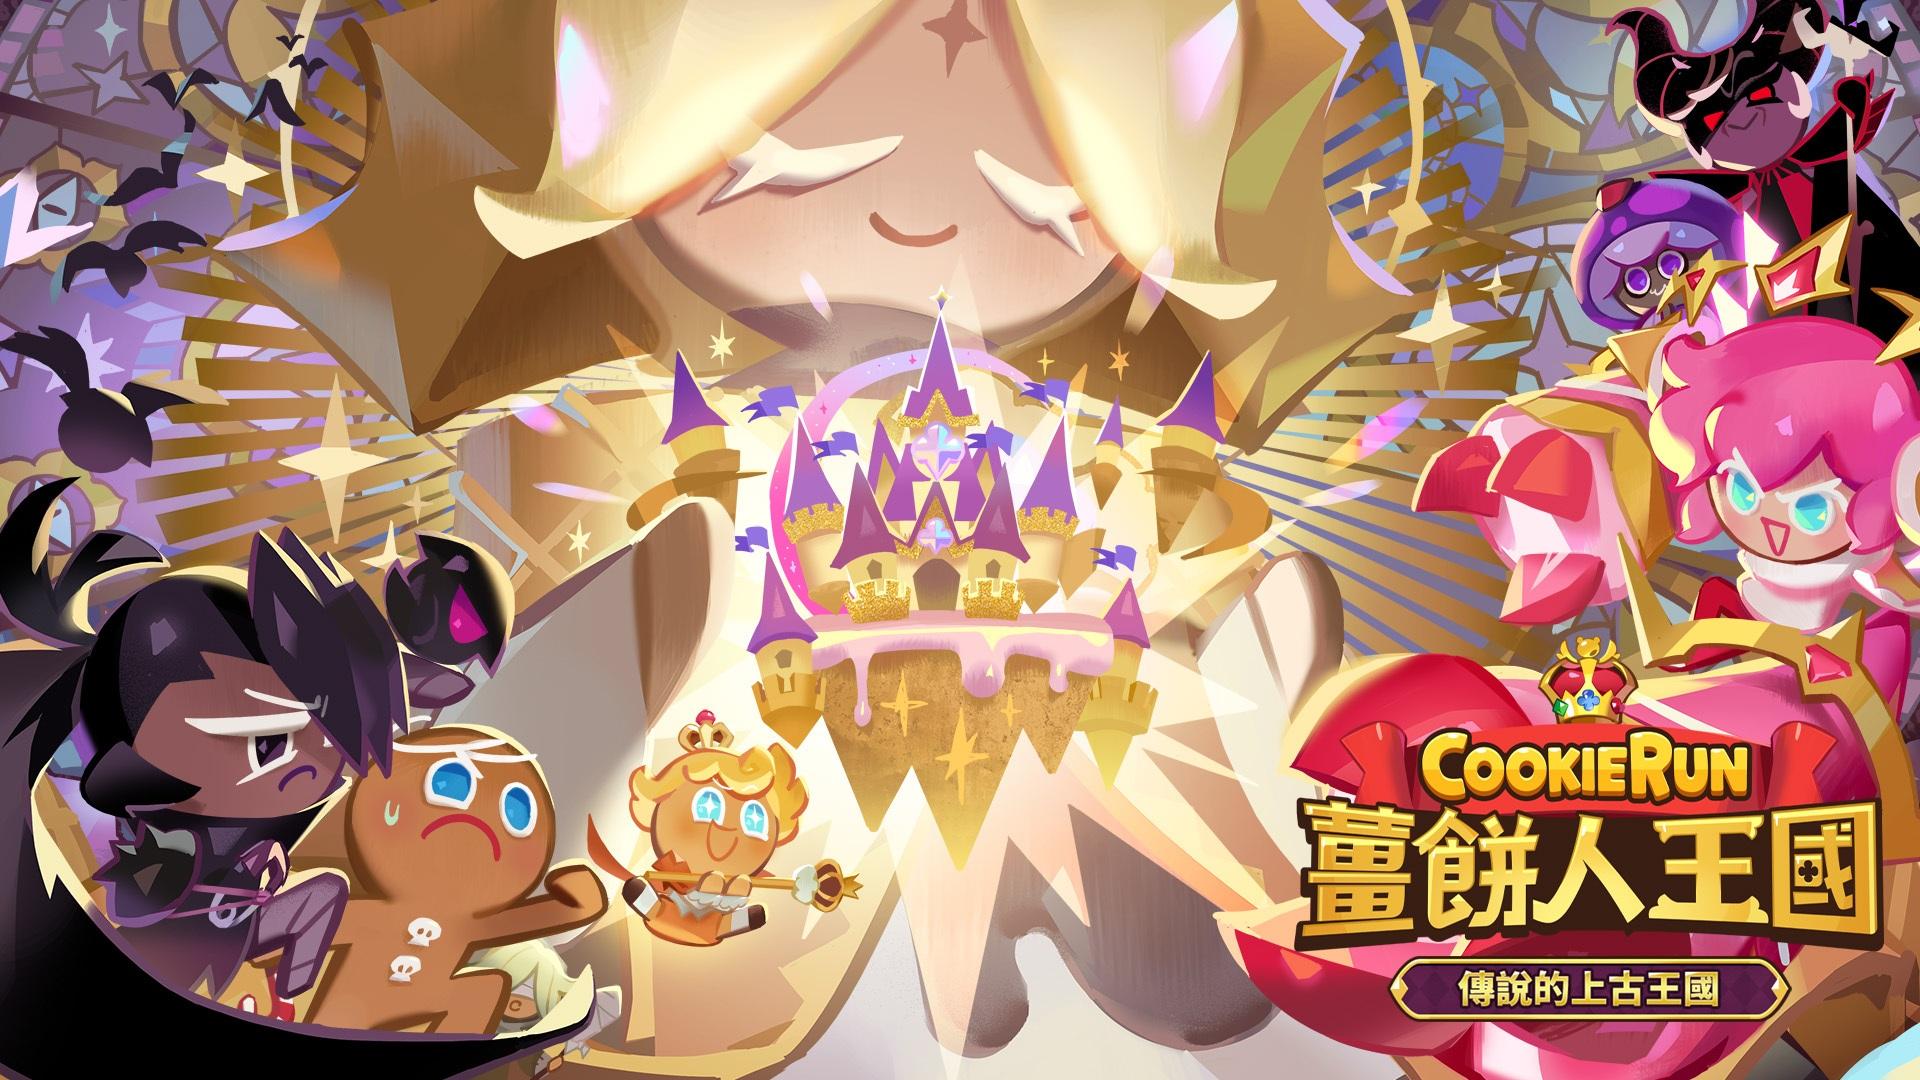 《薑餅人王國》上市後首次大改版! 傳說的上古王國更新